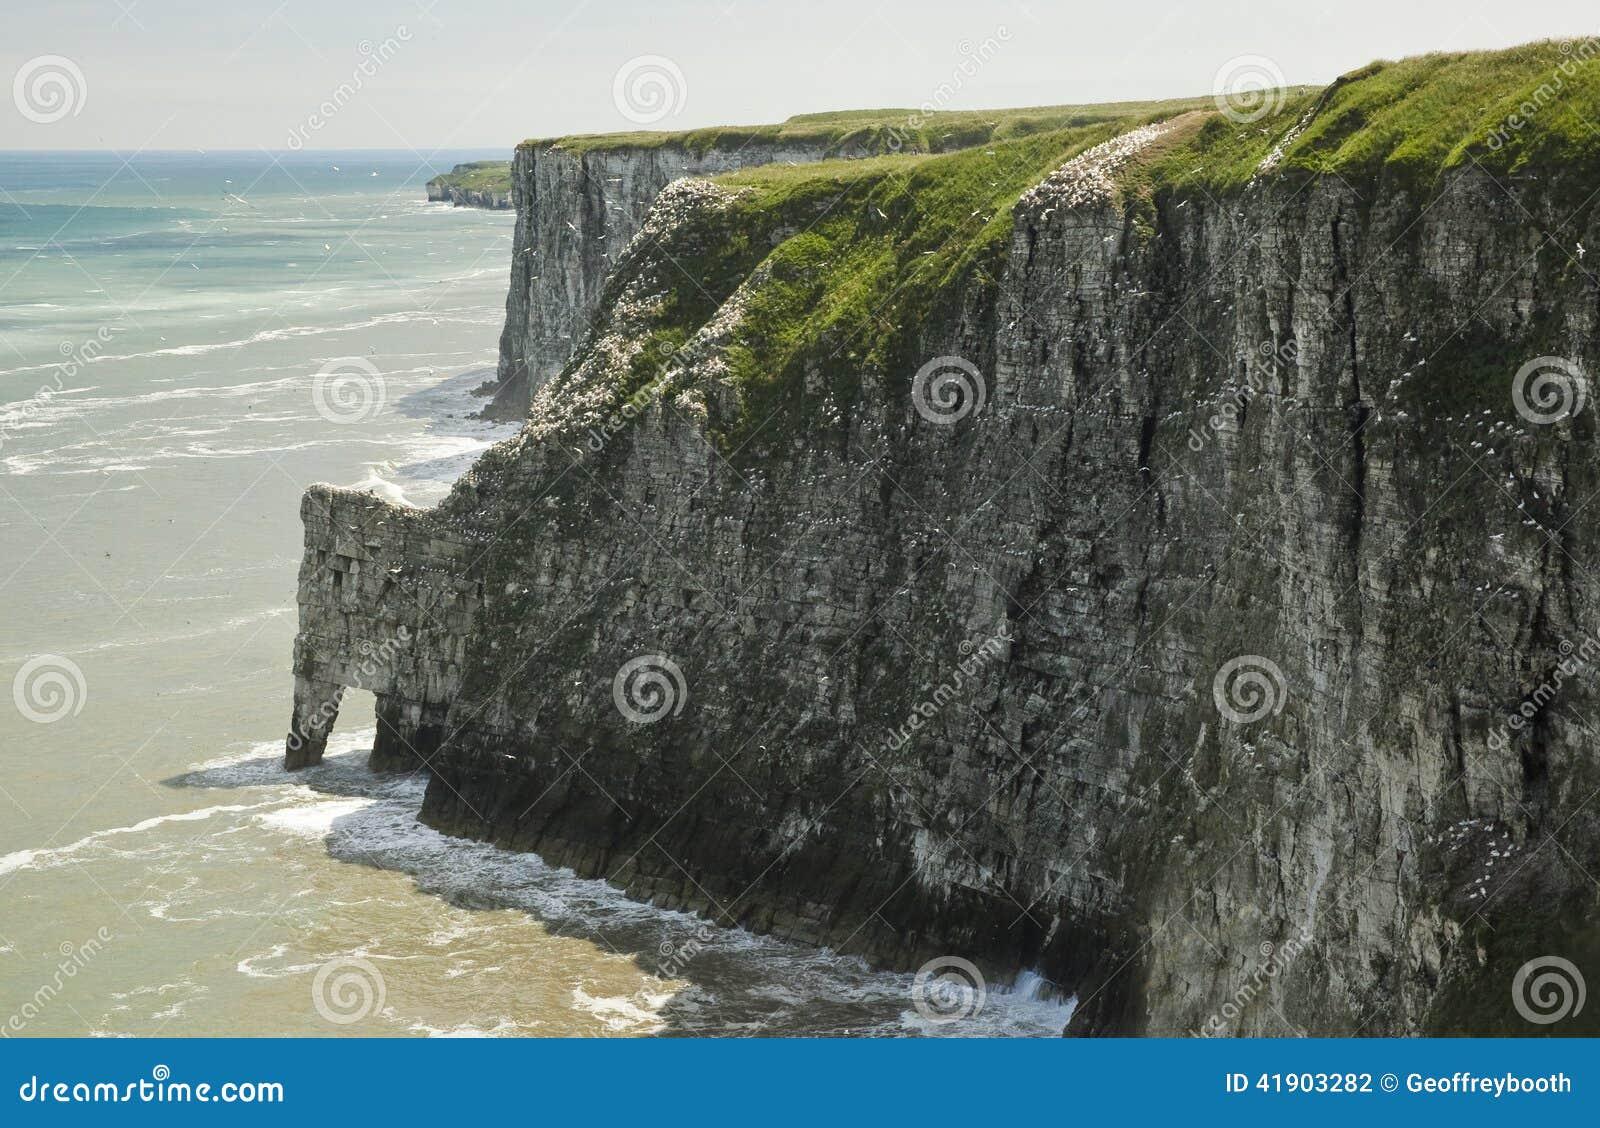 Los acantilados de tiza, en Bempton en Yorkshire, Inglaterra